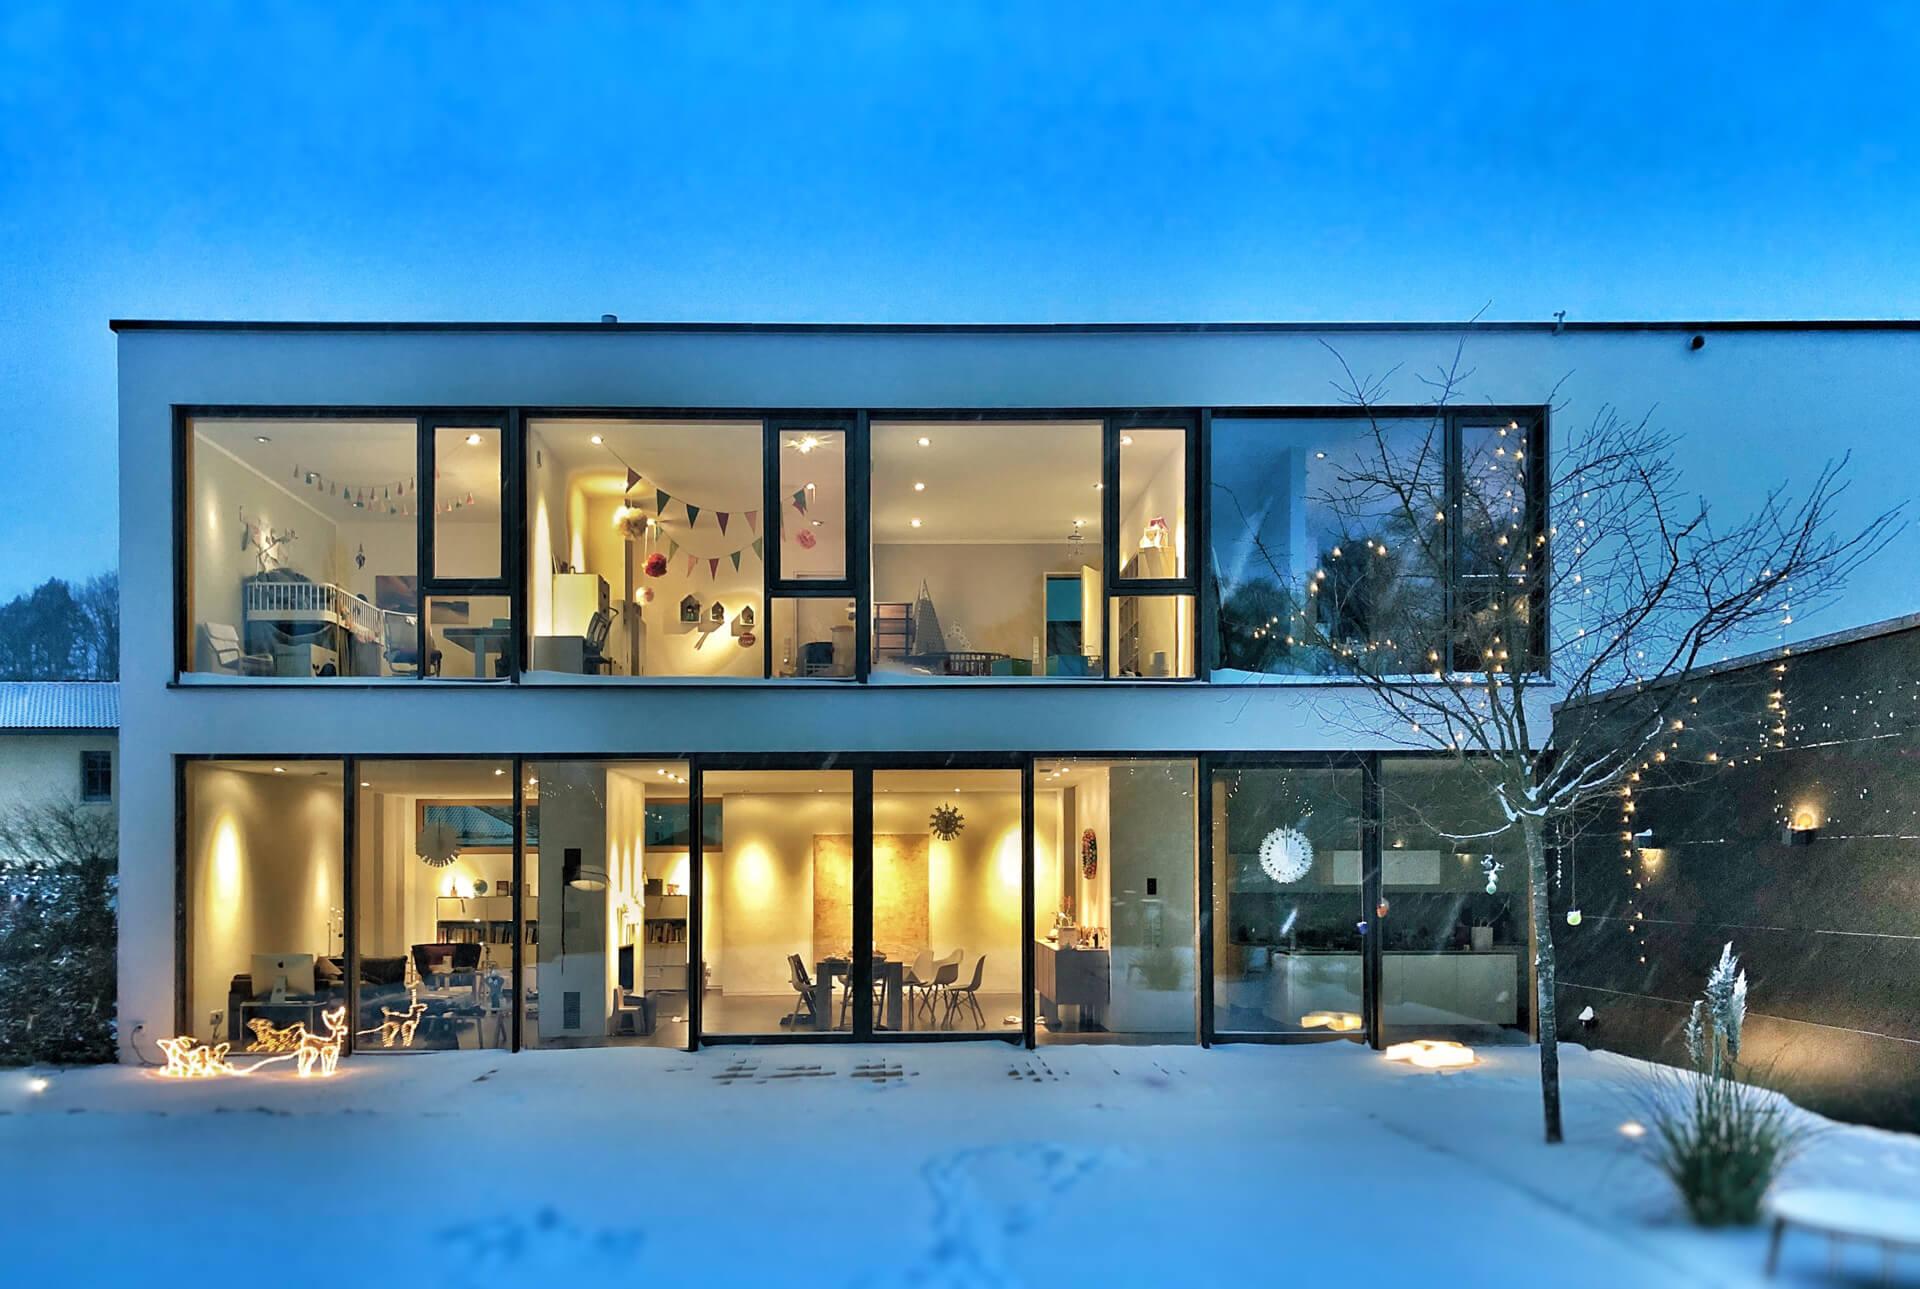 هوشمند سازی خانه با روشنایی هوشمند نستک